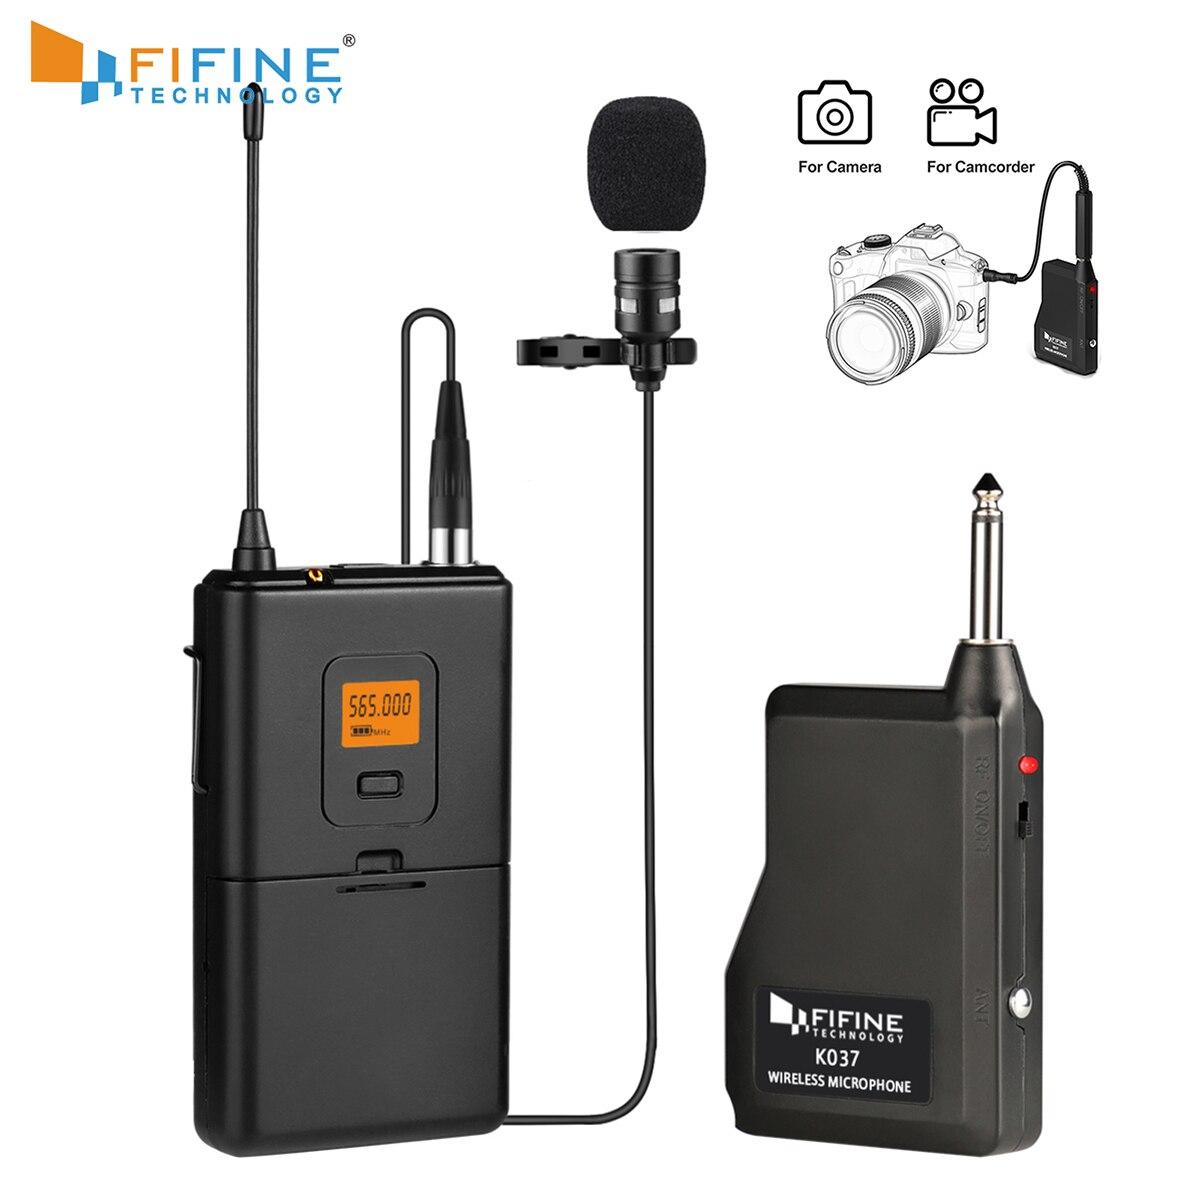 Fifine 20-Canal UHF Sem Fio de Lapela lapela Microfone de Lapela Sistema de Microfone com Transmissor portátil e Receptor Portátil k037